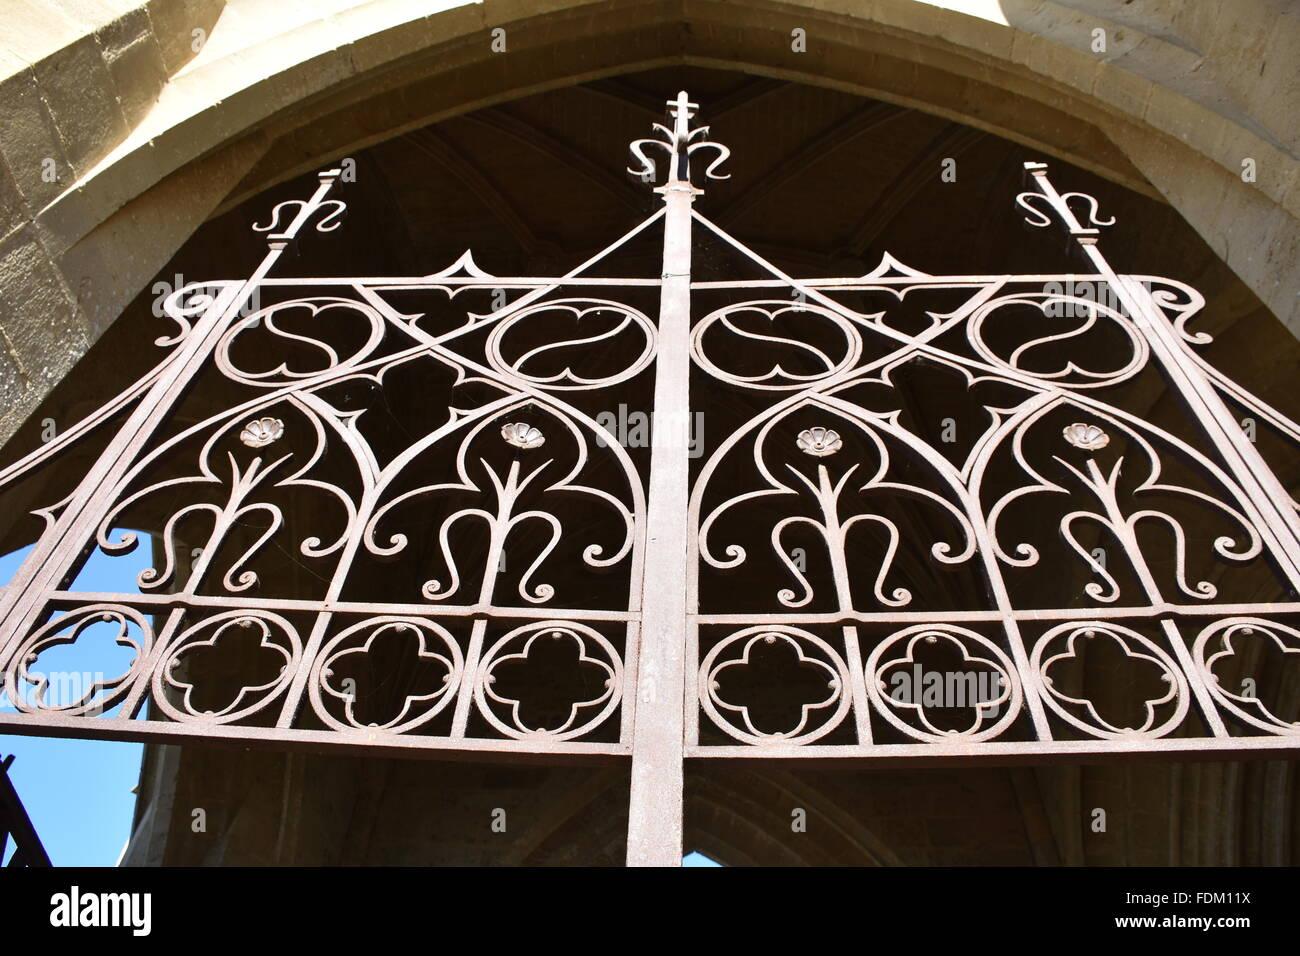 Eglise de Beaumarchés, Gers (32) France - Stock Image